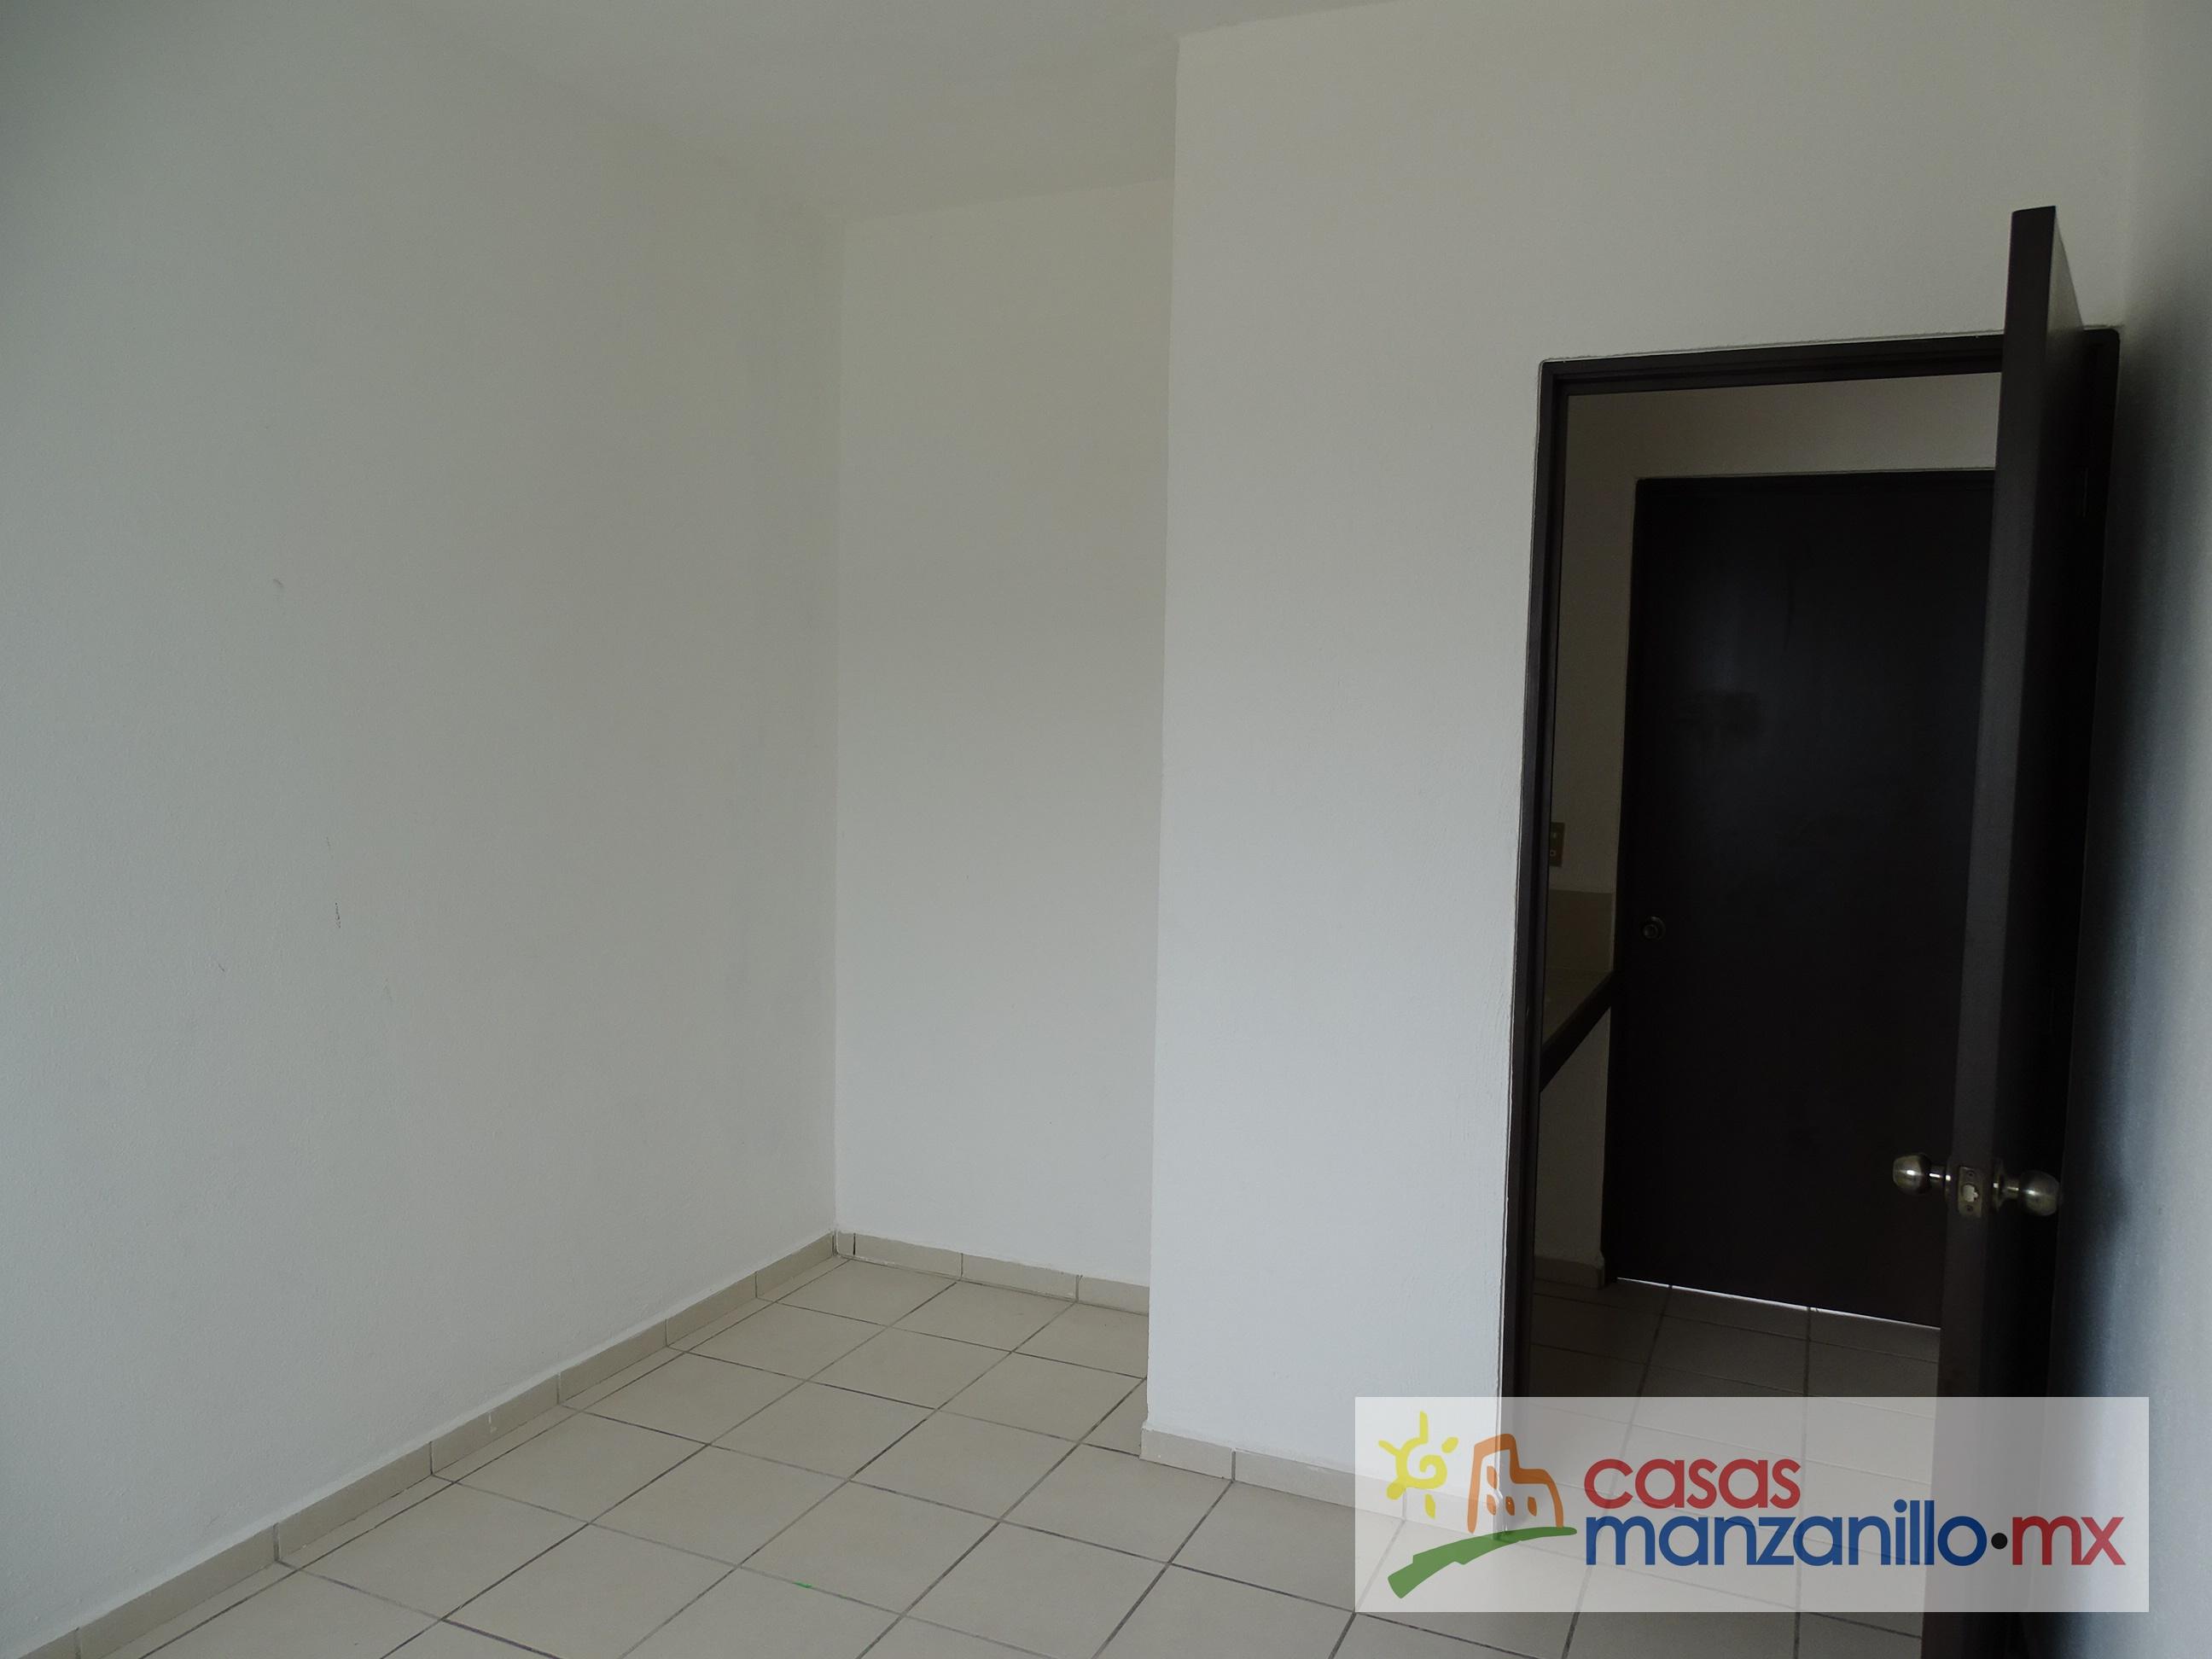 Casas Venta Manzanillo - Las Perlas (16)